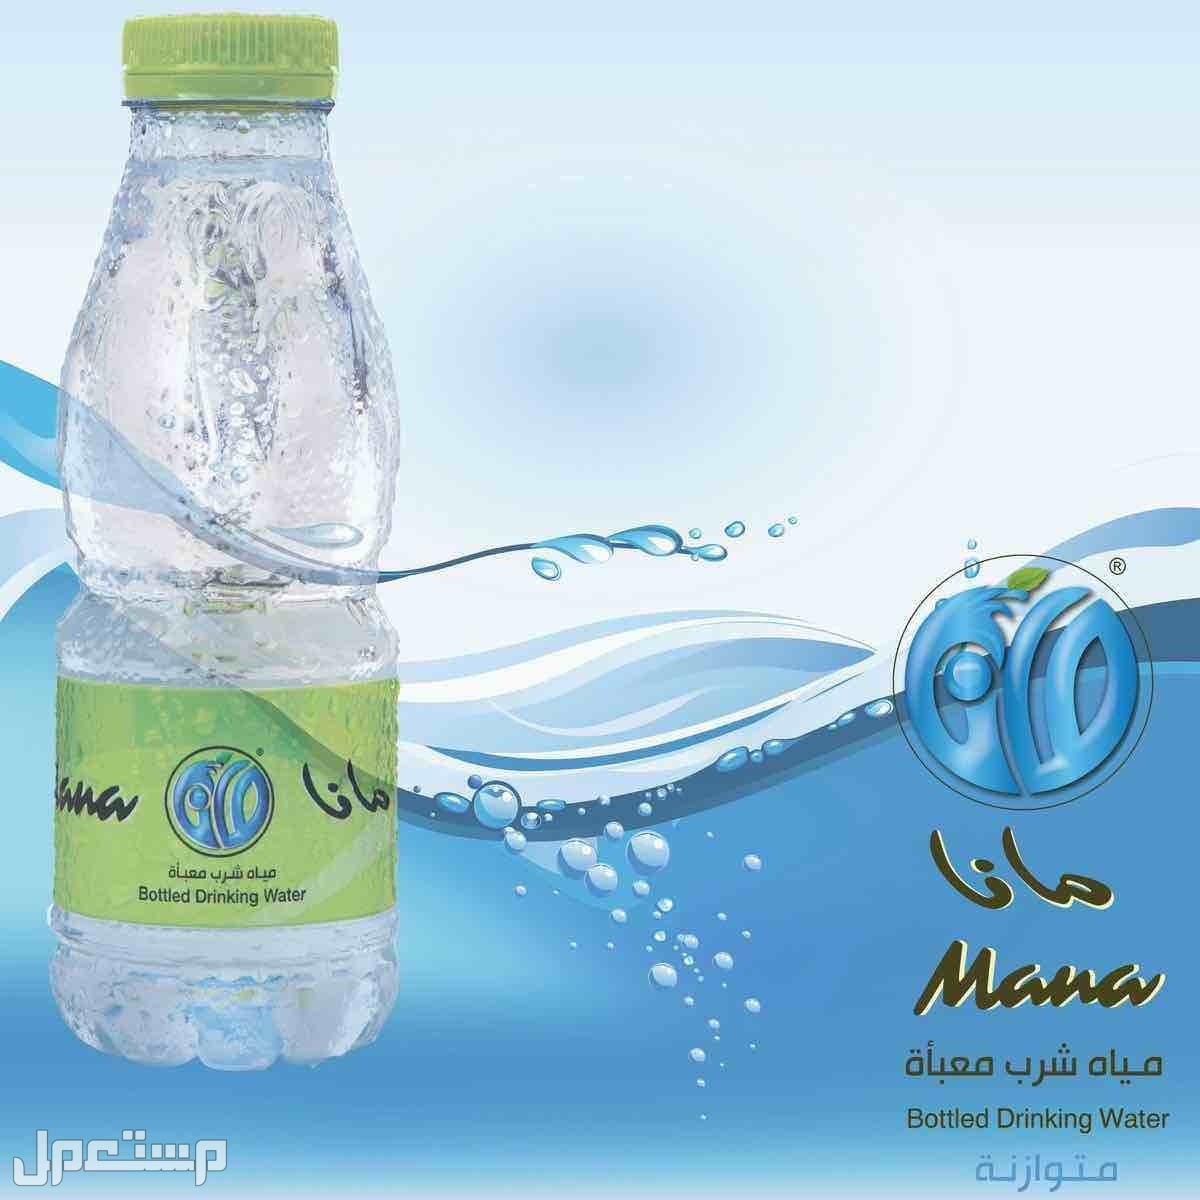 كراتين مياه بسعر 11 ريال والتوصيل مجانا